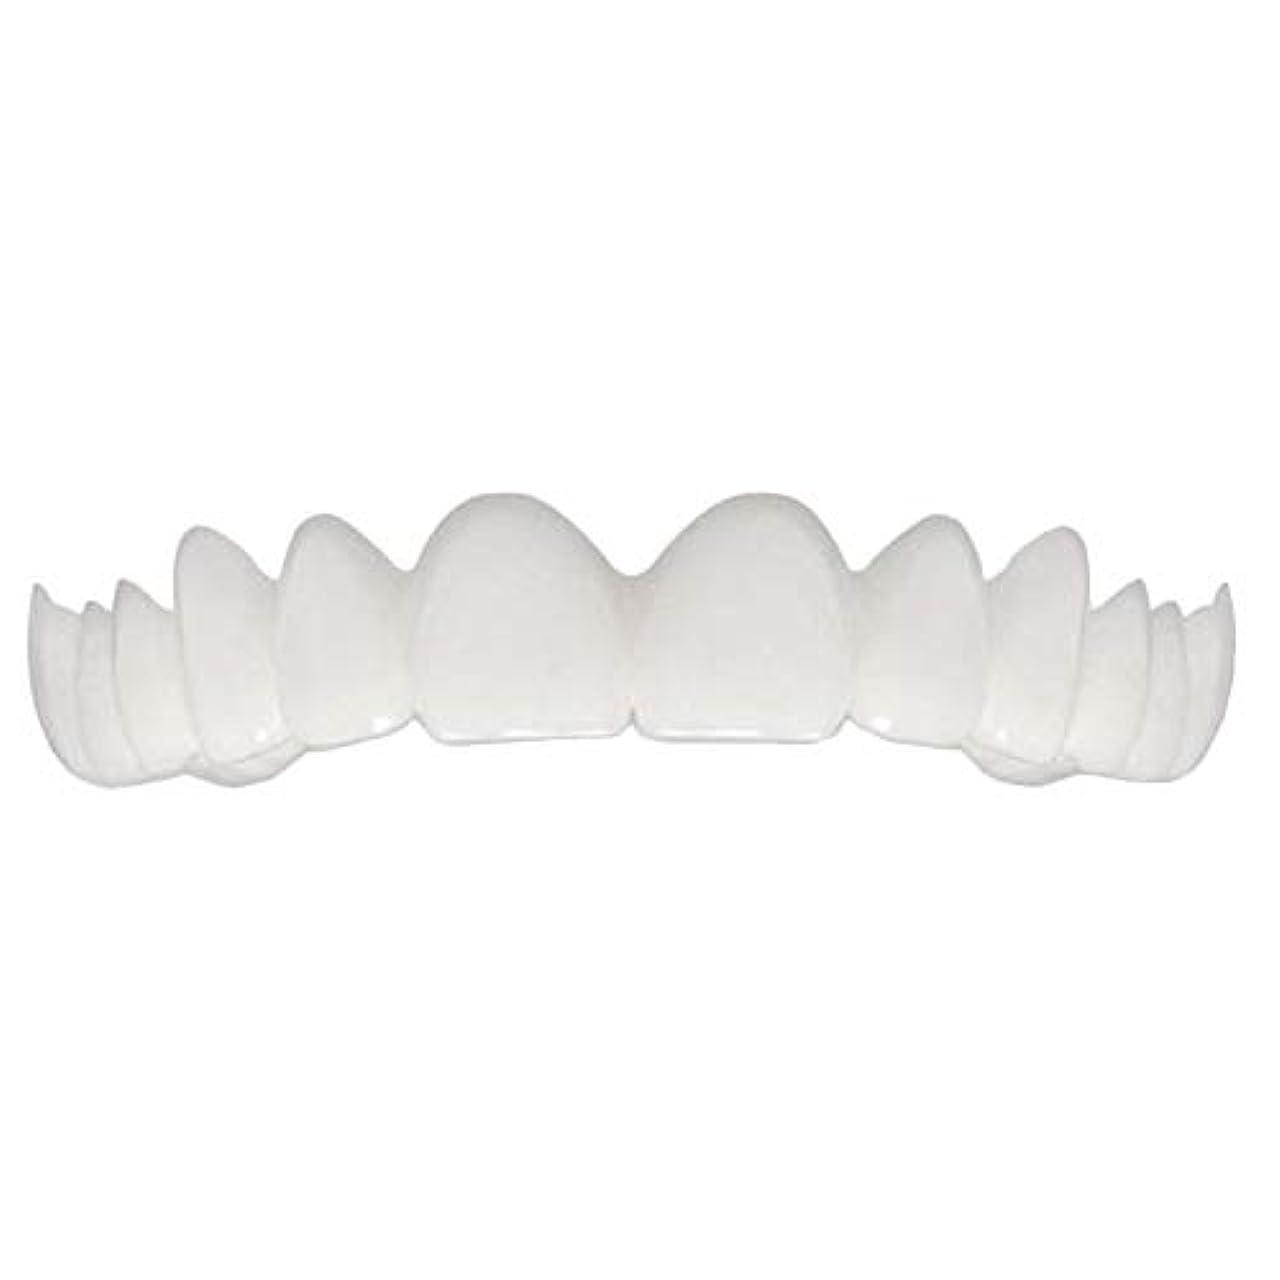 競う床を掃除する自己ユニセックスシリコン模擬義歯、ホワイトニングフィット義歯(1pcs),Upper